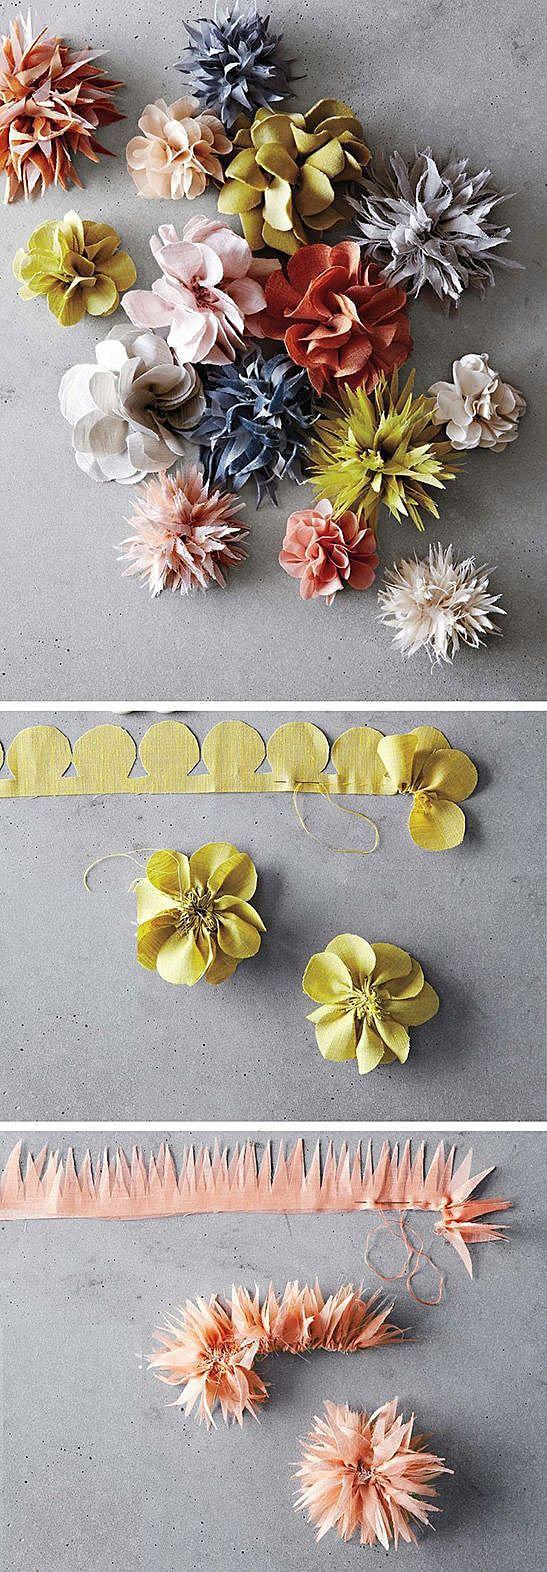 Цветы из ткани или бумаги